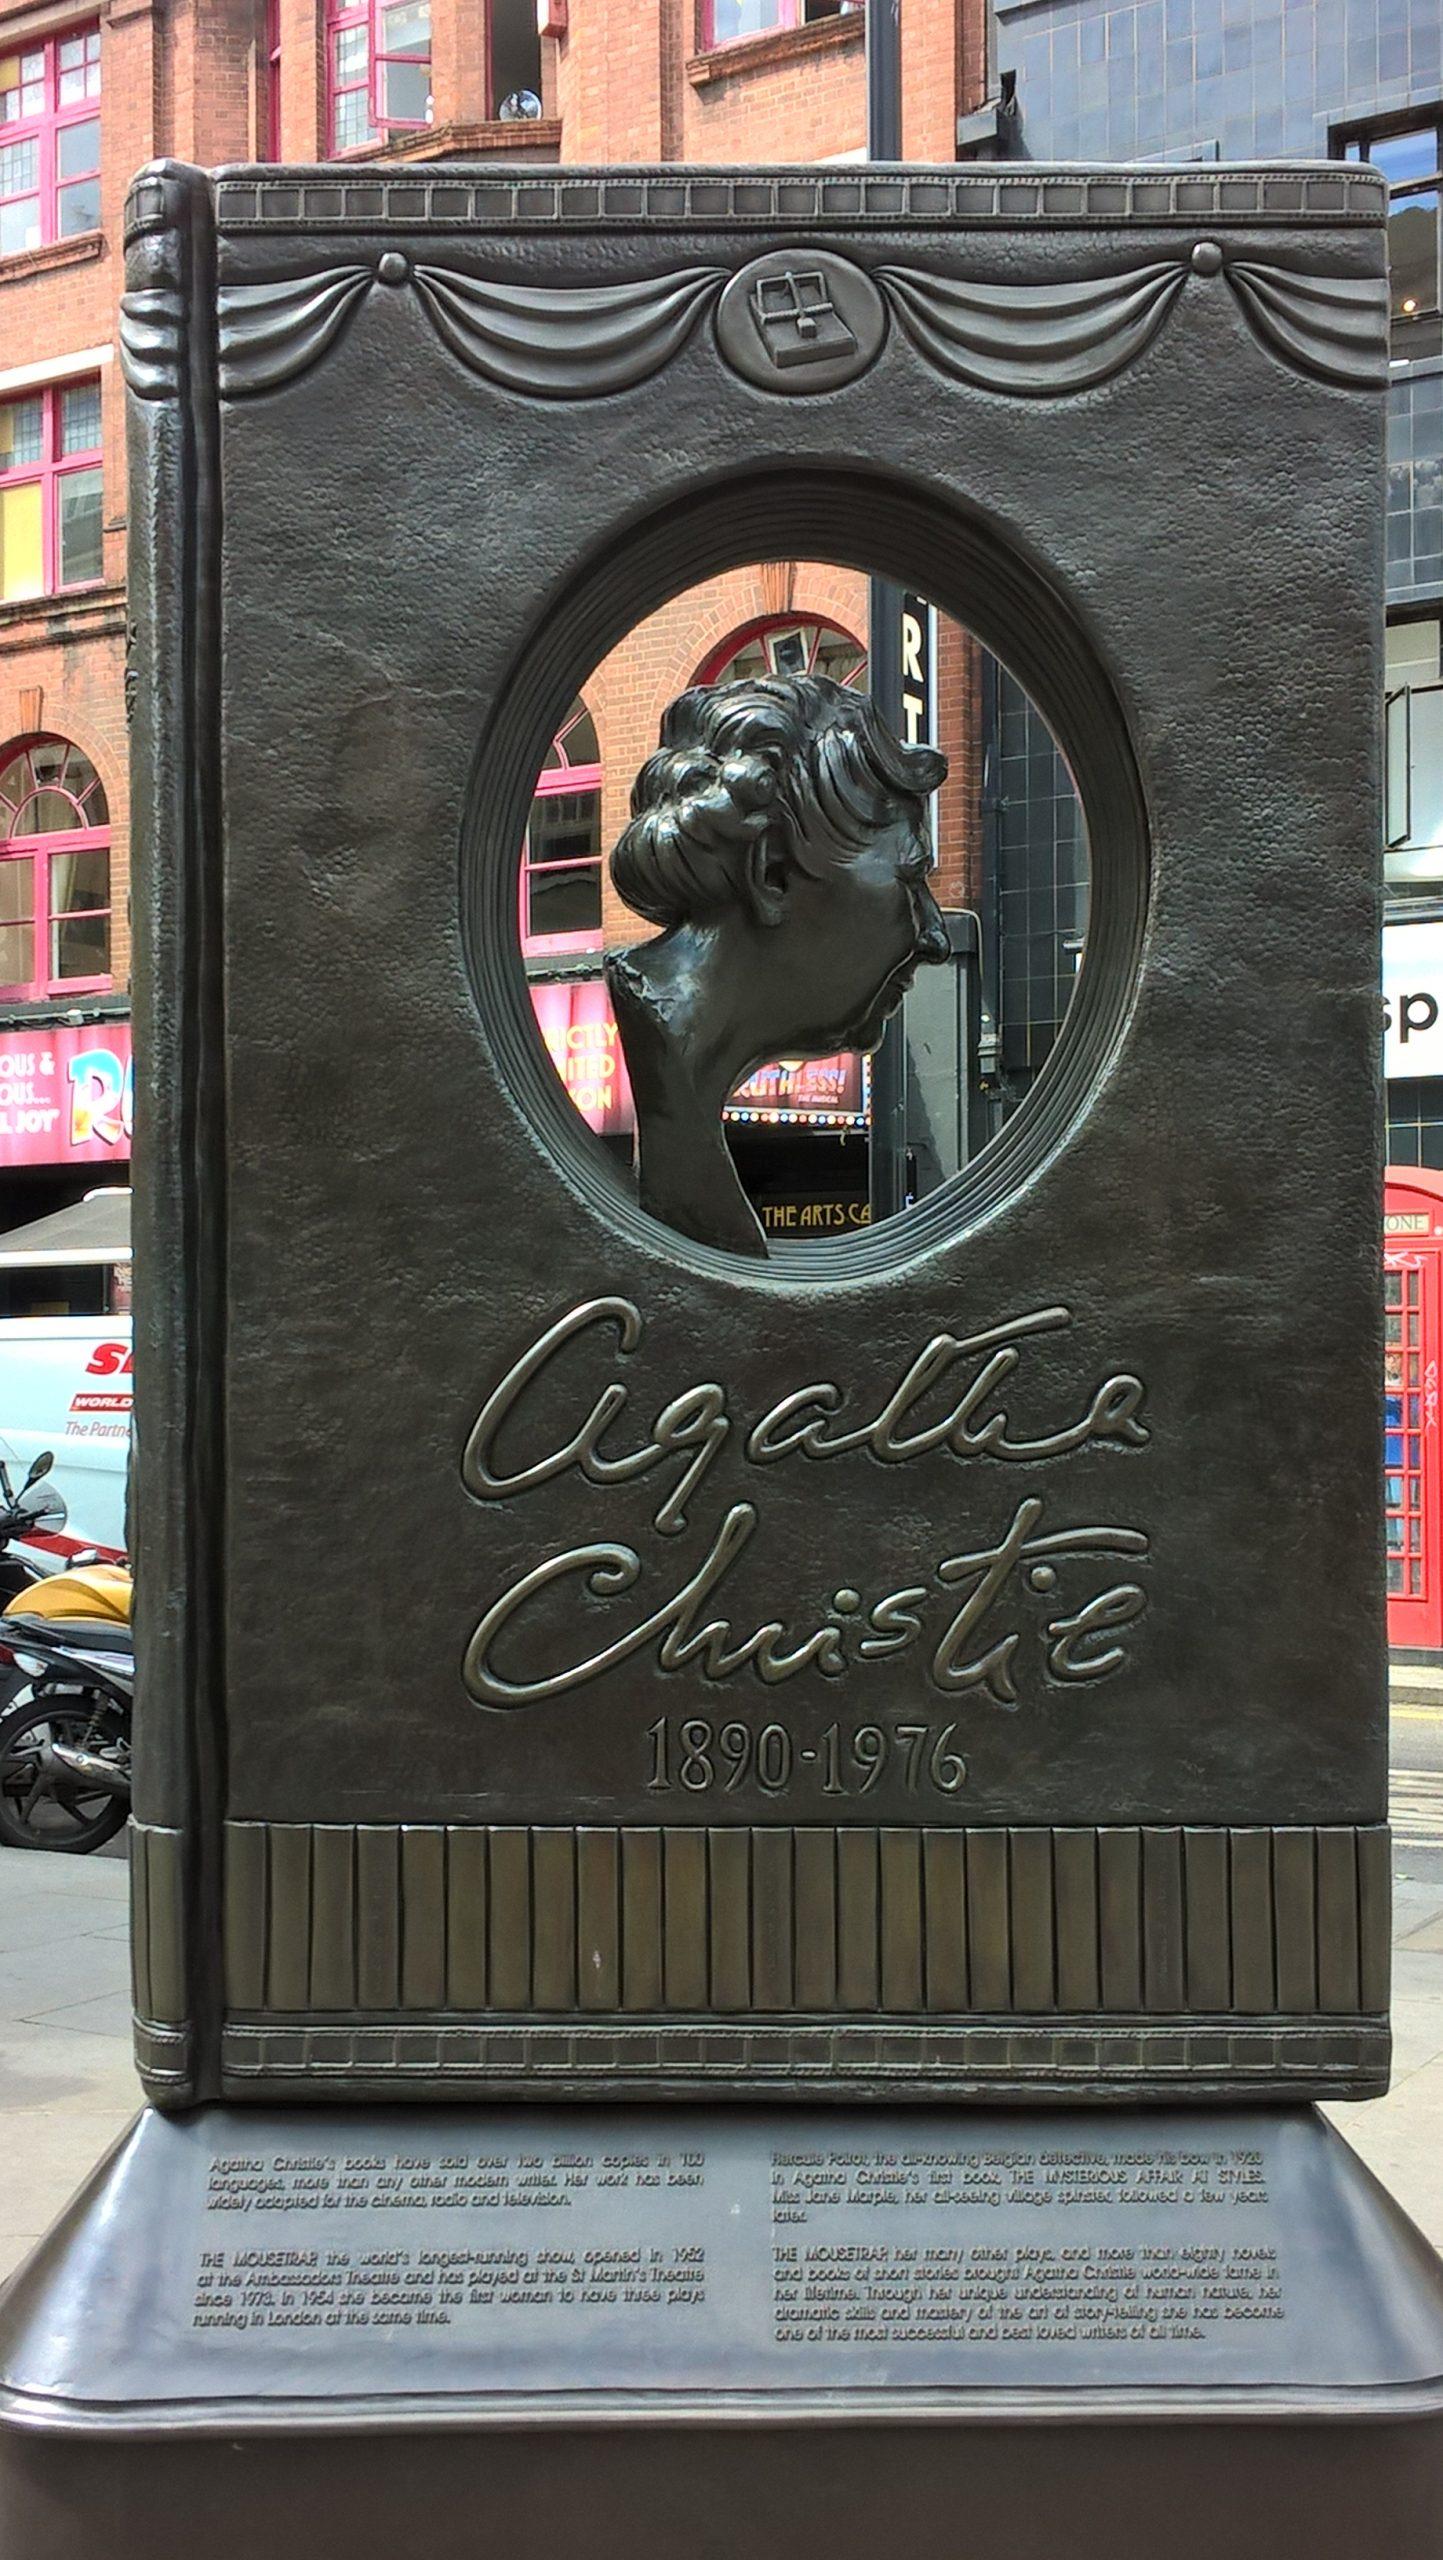 Agatha Christie memorial by Juliamaud